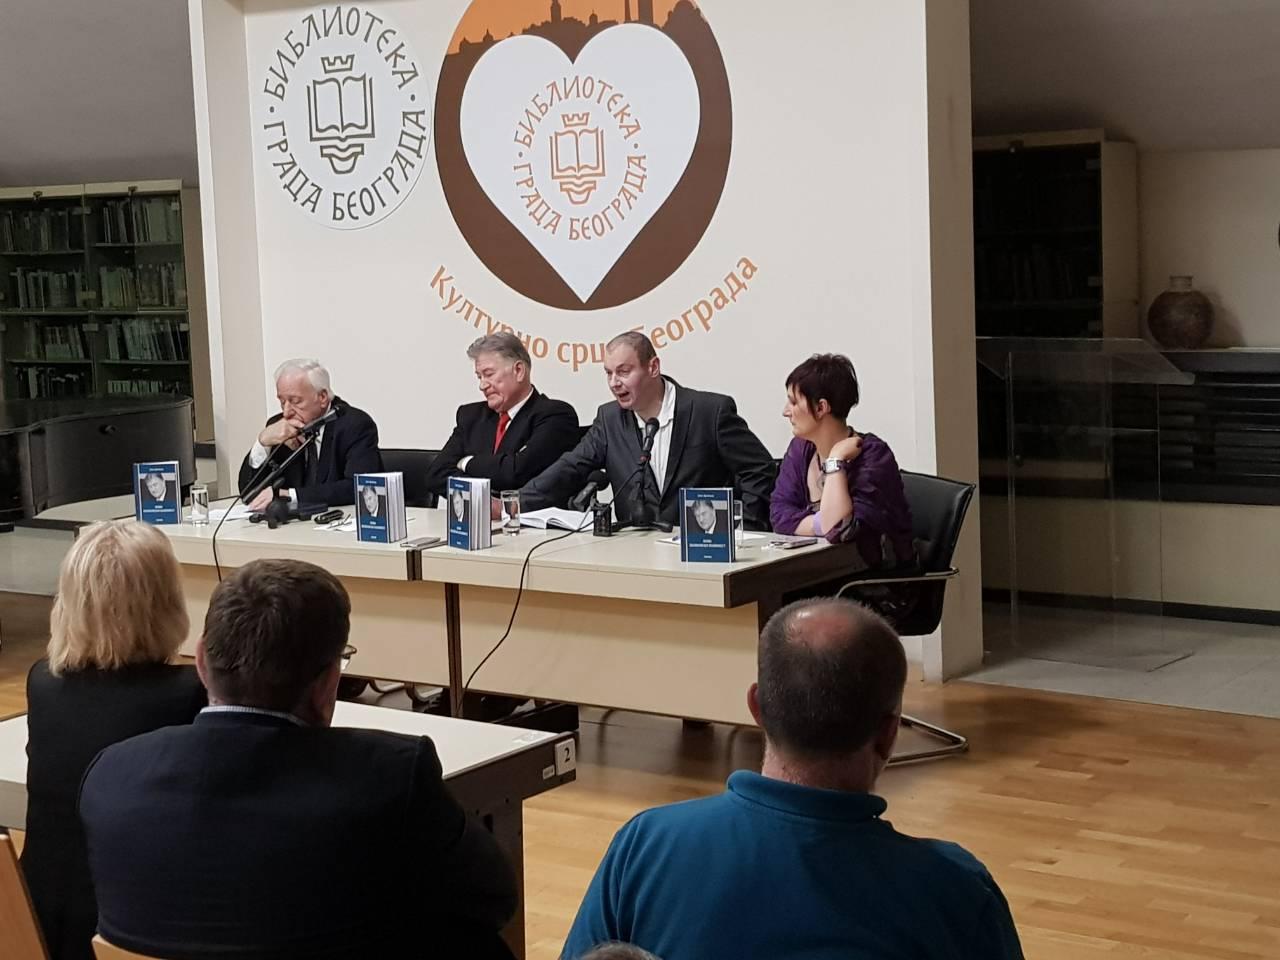 """ЈОВО ДРОБЊАК: """"Нови економски манифест"""" није утопија, већ једини начин да Србија изађе из кризе! (ВИДЕО)"""